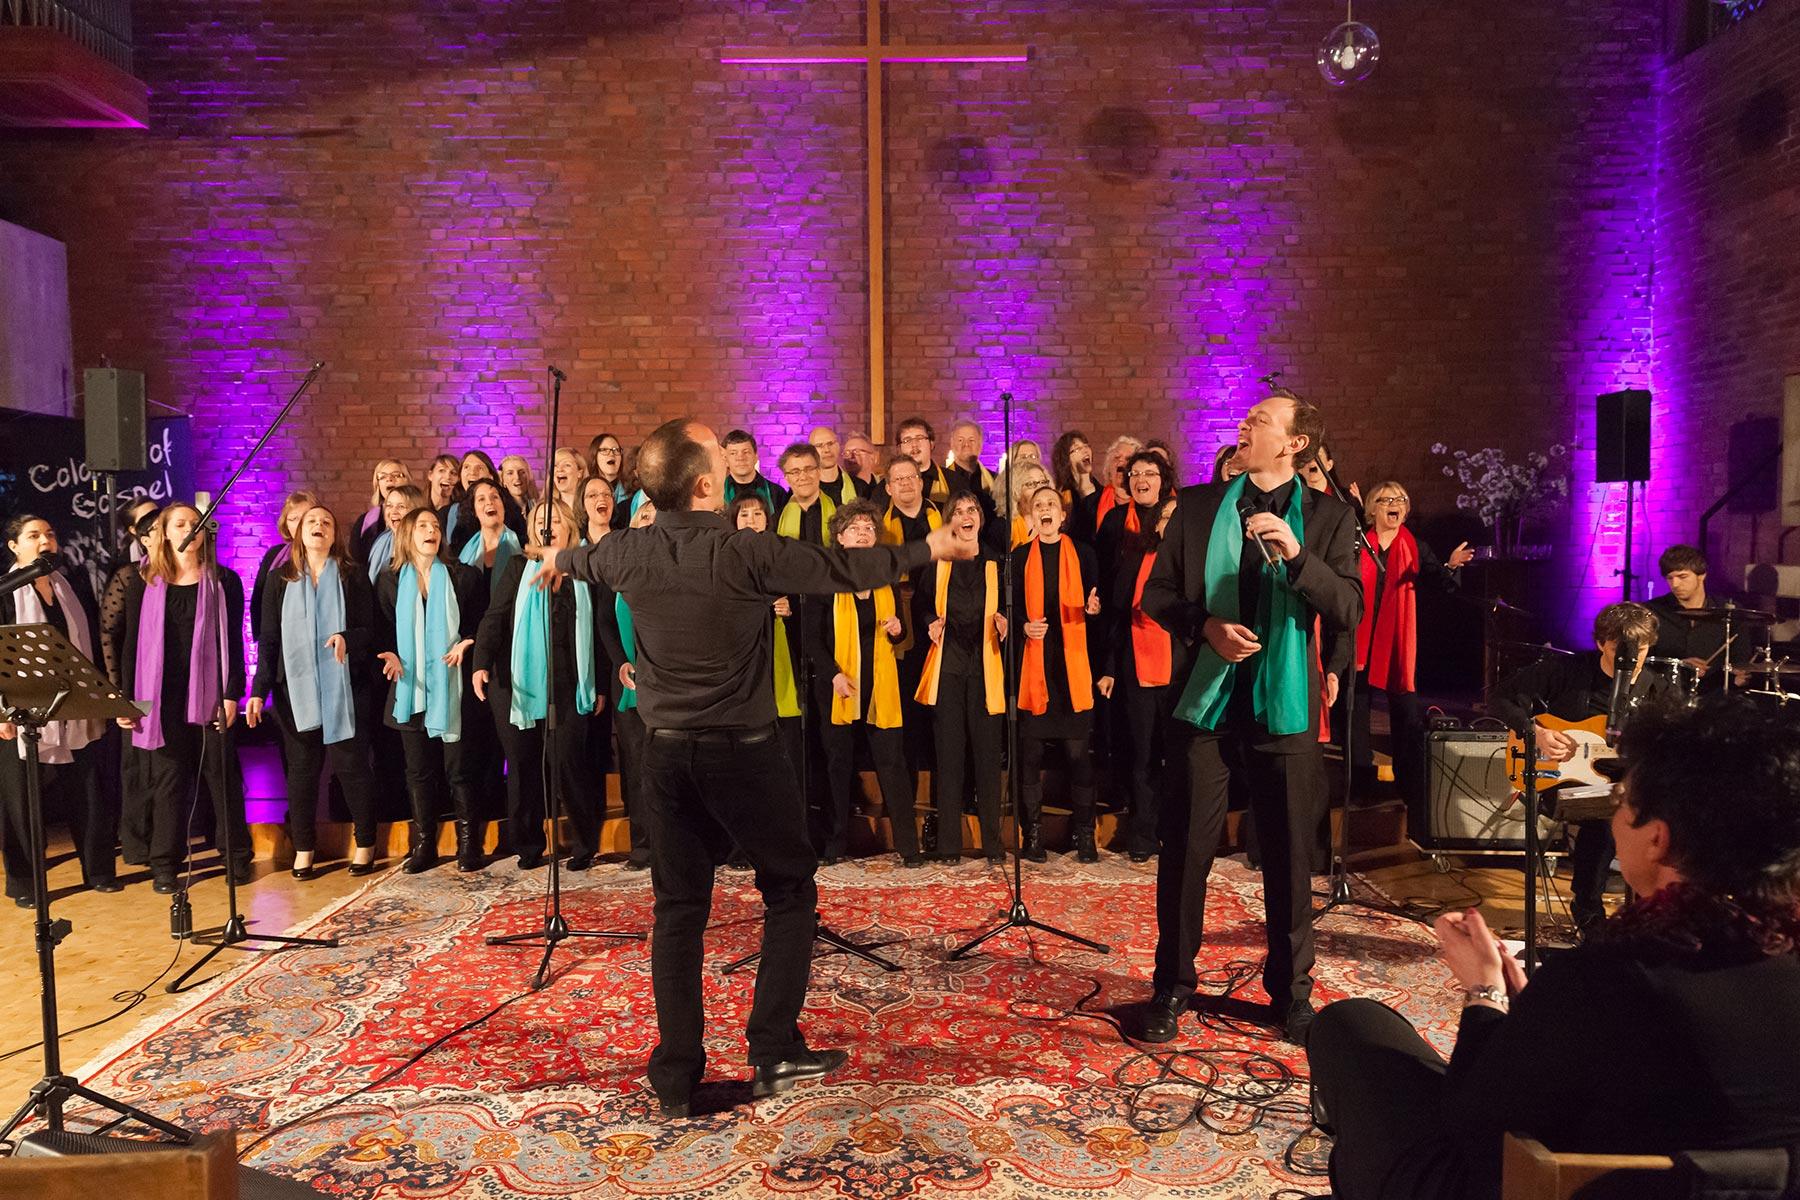 Konzertfoto Colours of Gospel von Fotograf Jürgen Cezanne